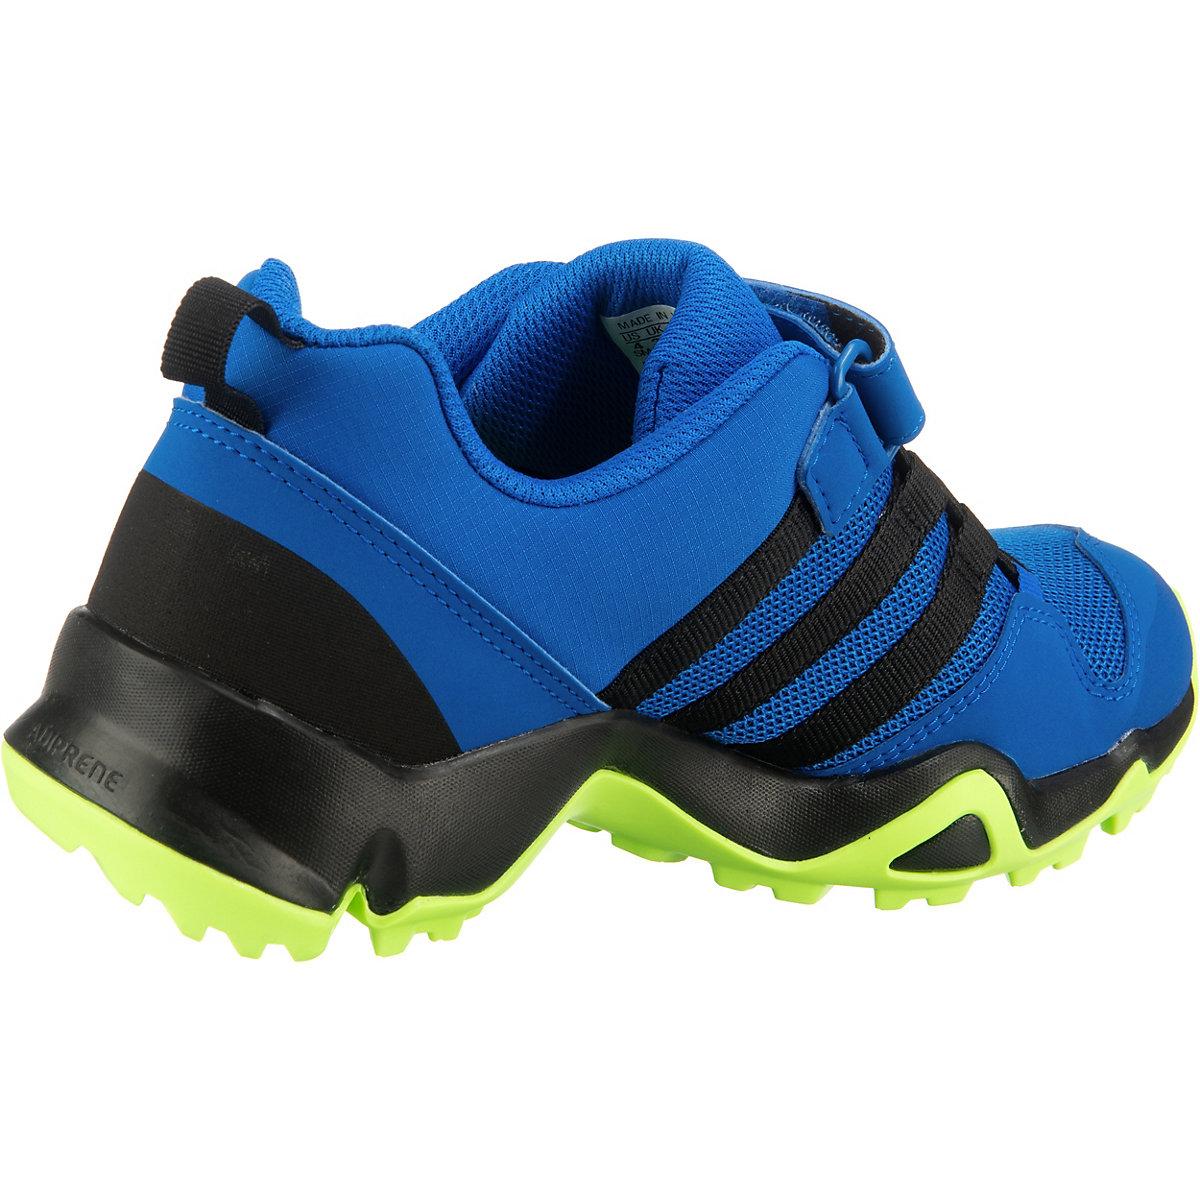 Adidas Performance, Outdoorschuhe Terrex Ax2r Cf Für Jungen, Indigo